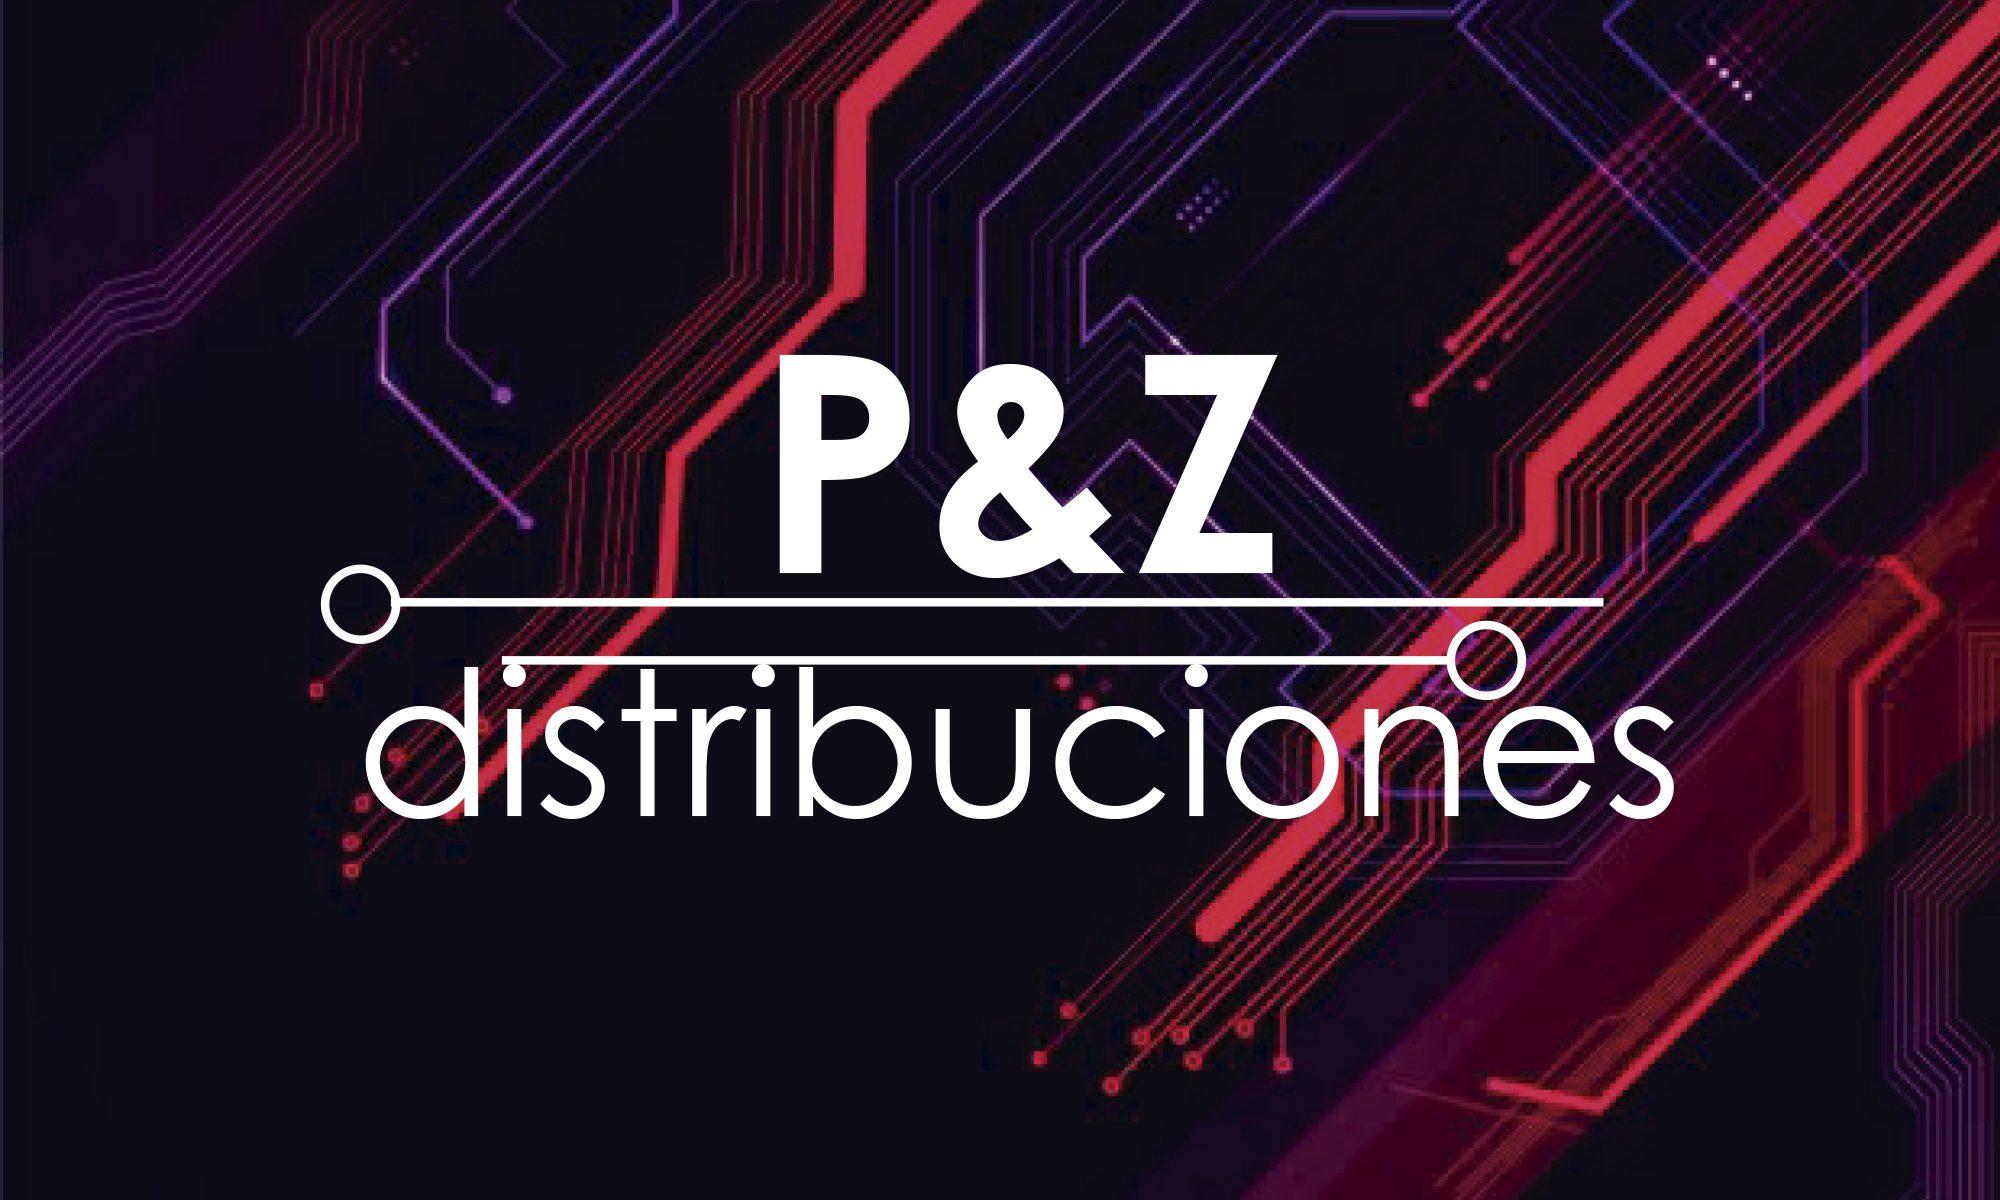 Distribuciones PyZ